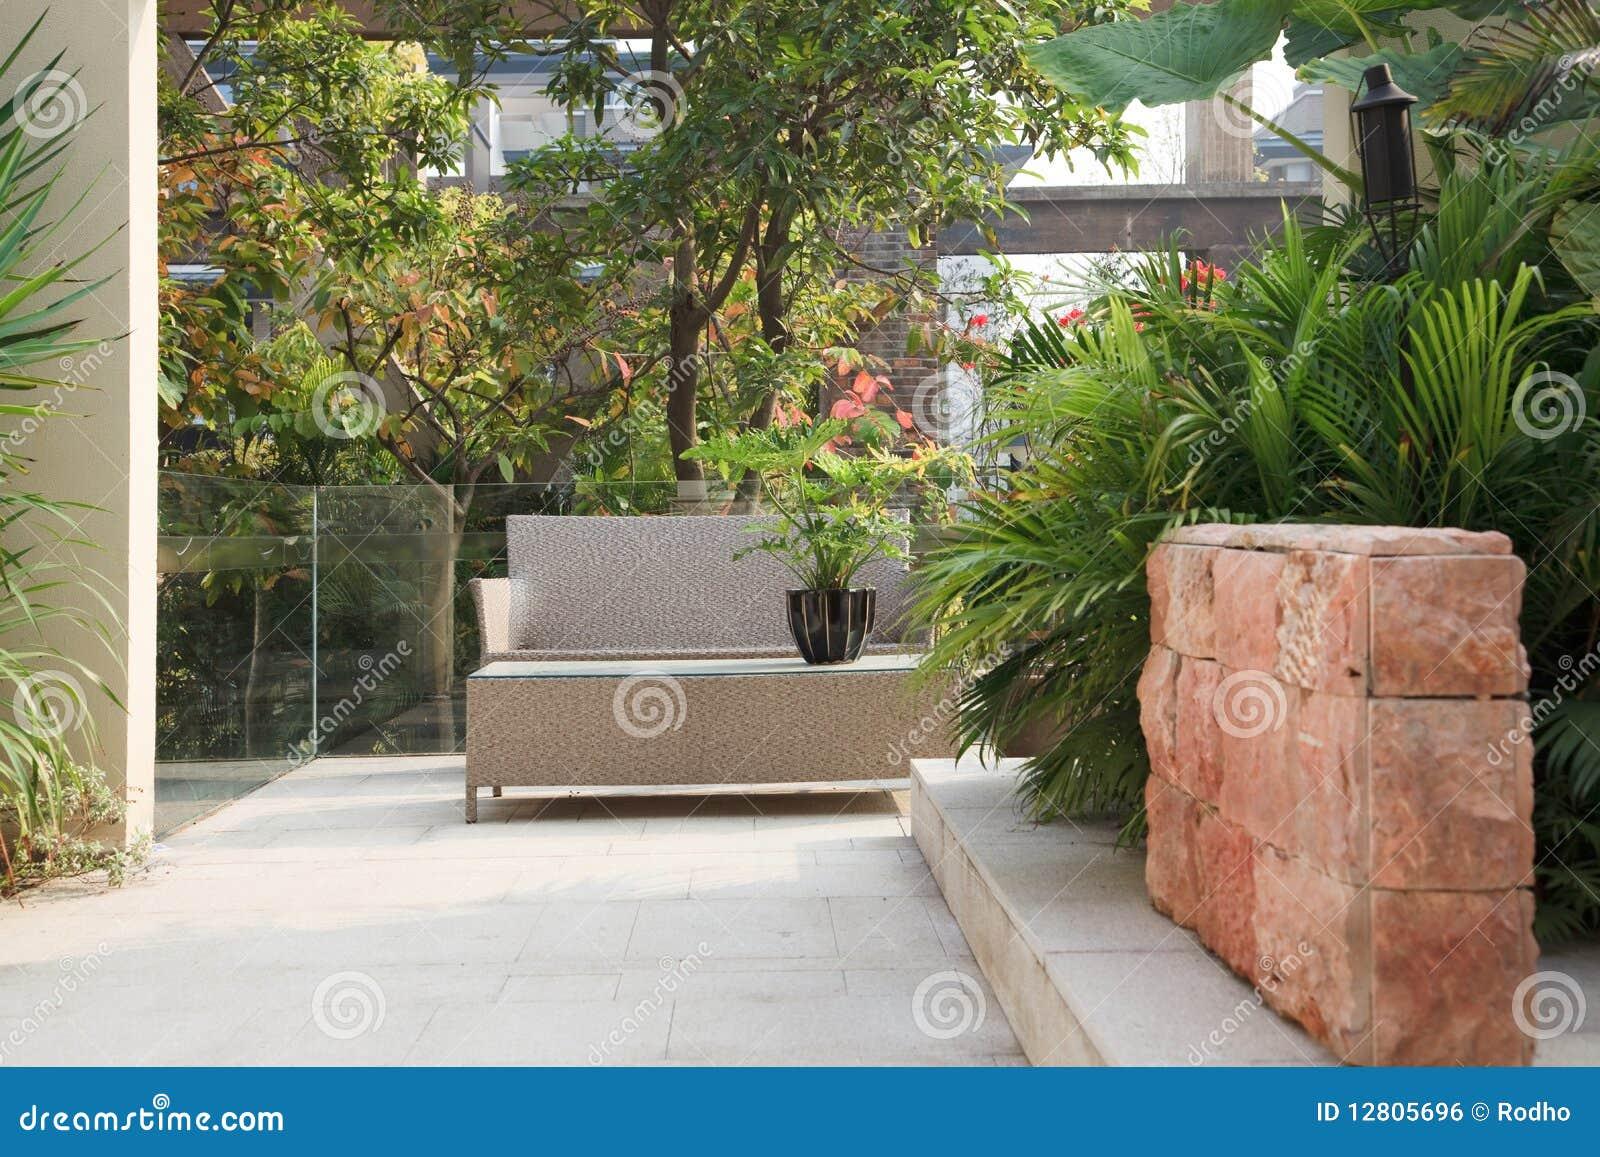 hinterhof patio im garten stockfoto bild von botanik 12805696. Black Bedroom Furniture Sets. Home Design Ideas